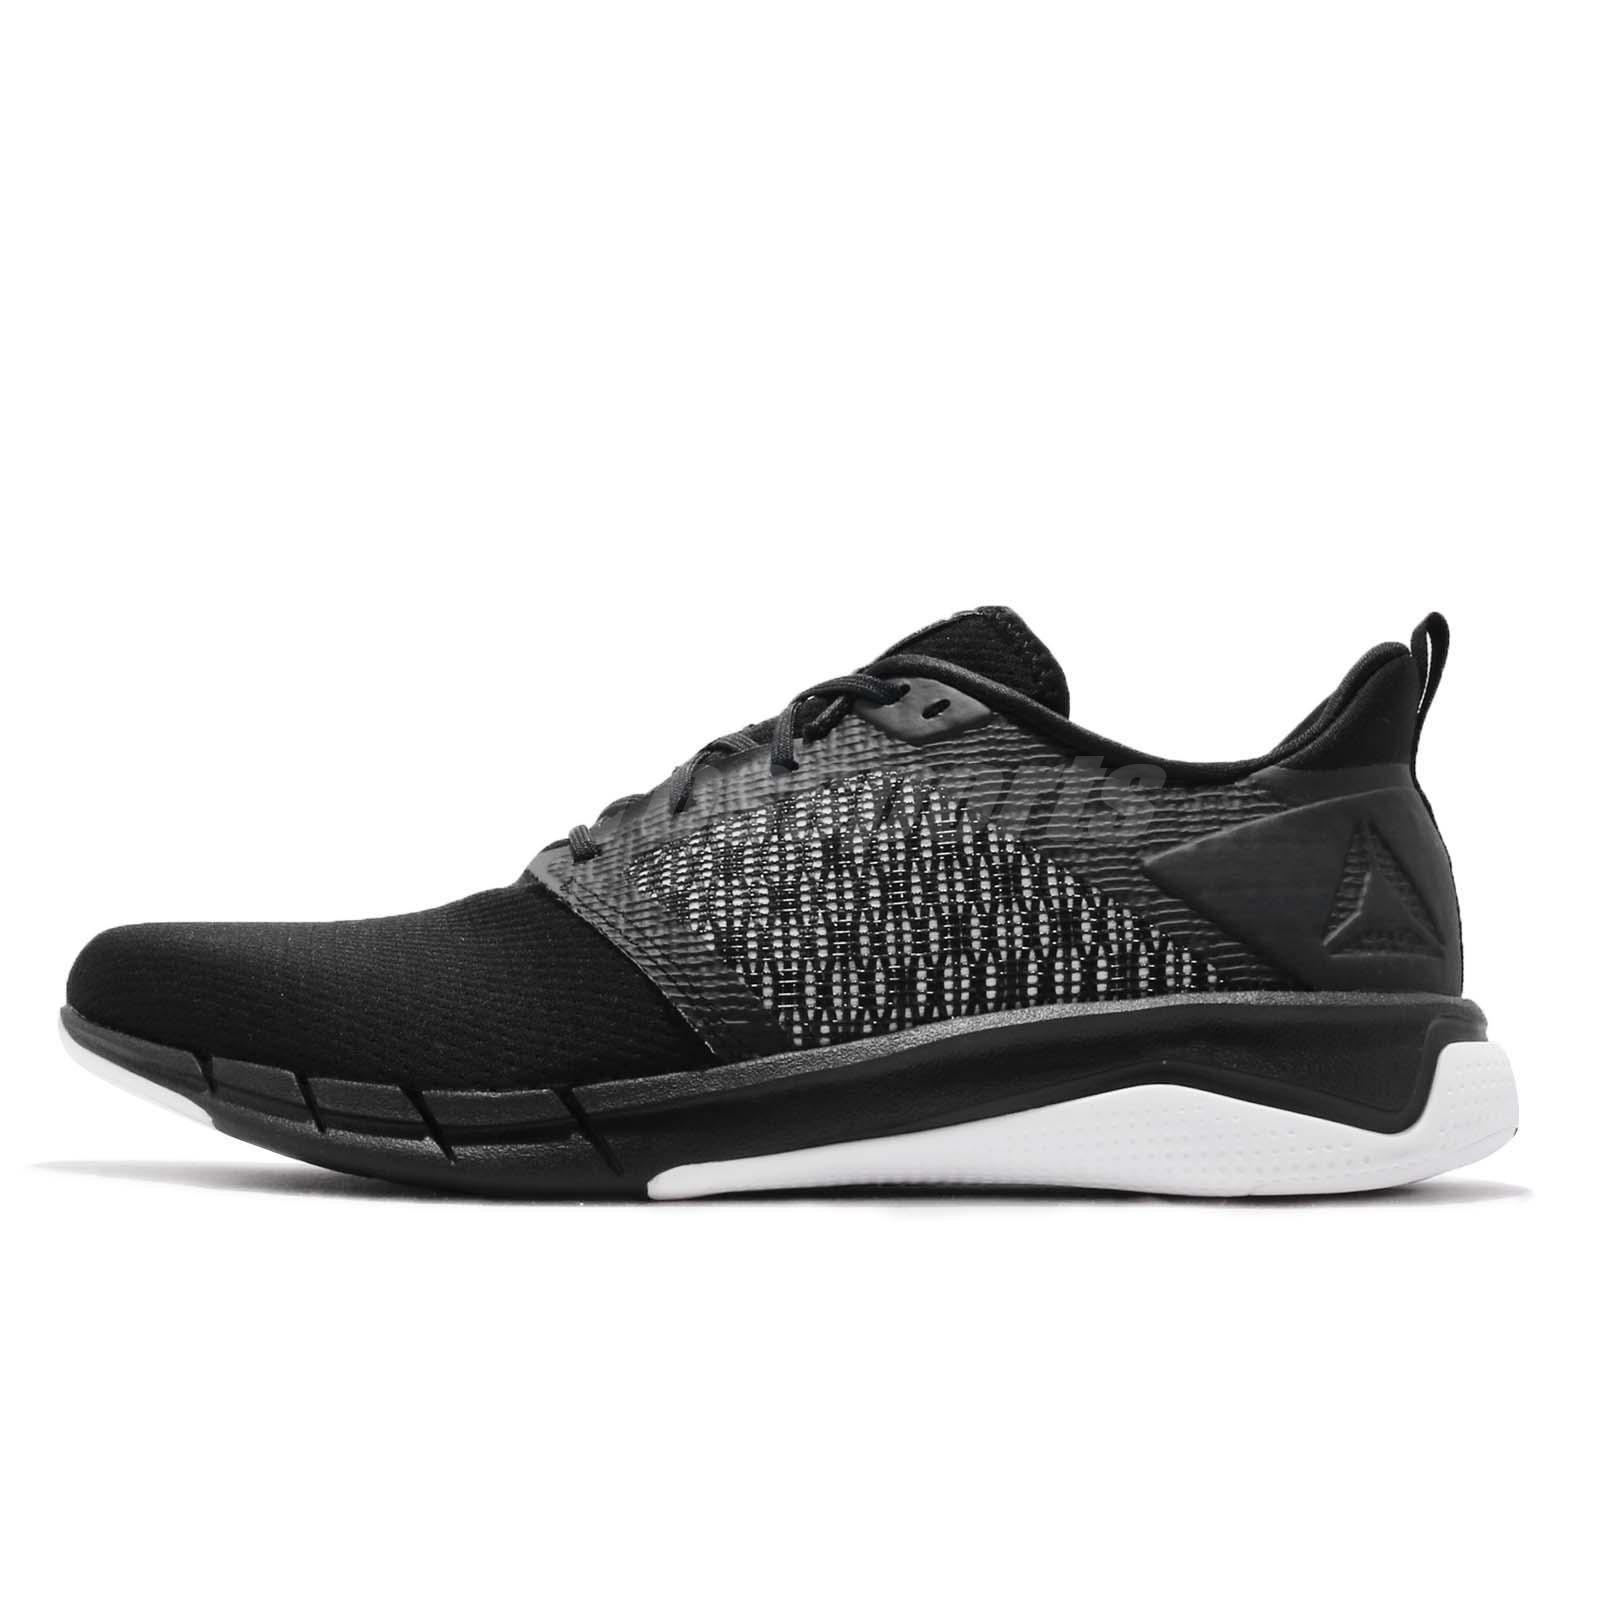 342af9e52e6e8e Reebok Print Run 3.0 Black White Men Running Training Shoes Sneakers CN4656